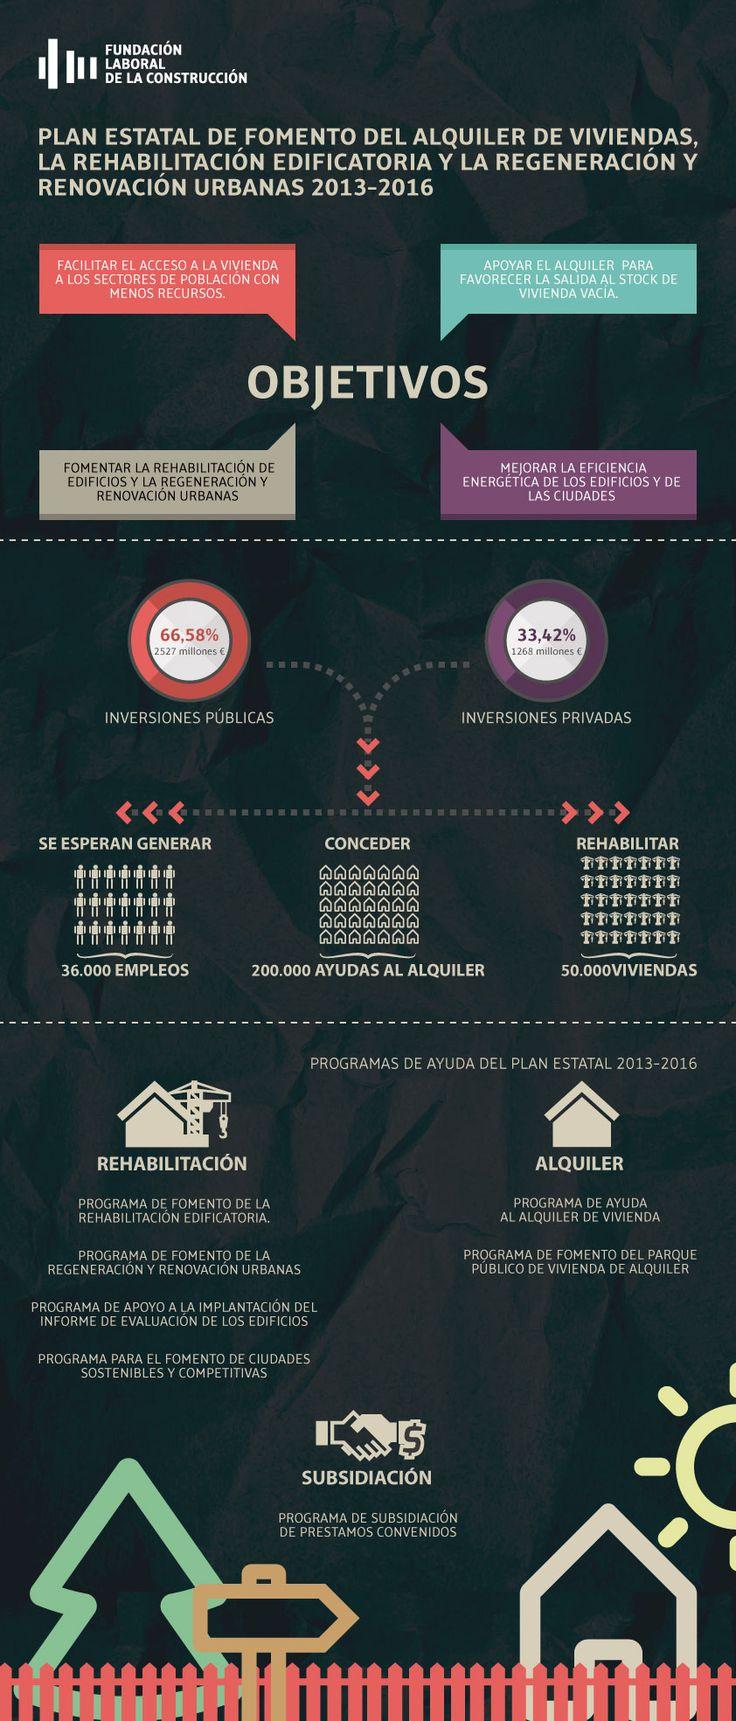 Infografía Plan de fomento del alquiler de viviendas, rehabilitación y regeneración urbana 2013-2016 #rehabilitaciónEnergetica #vivienda #ayudas